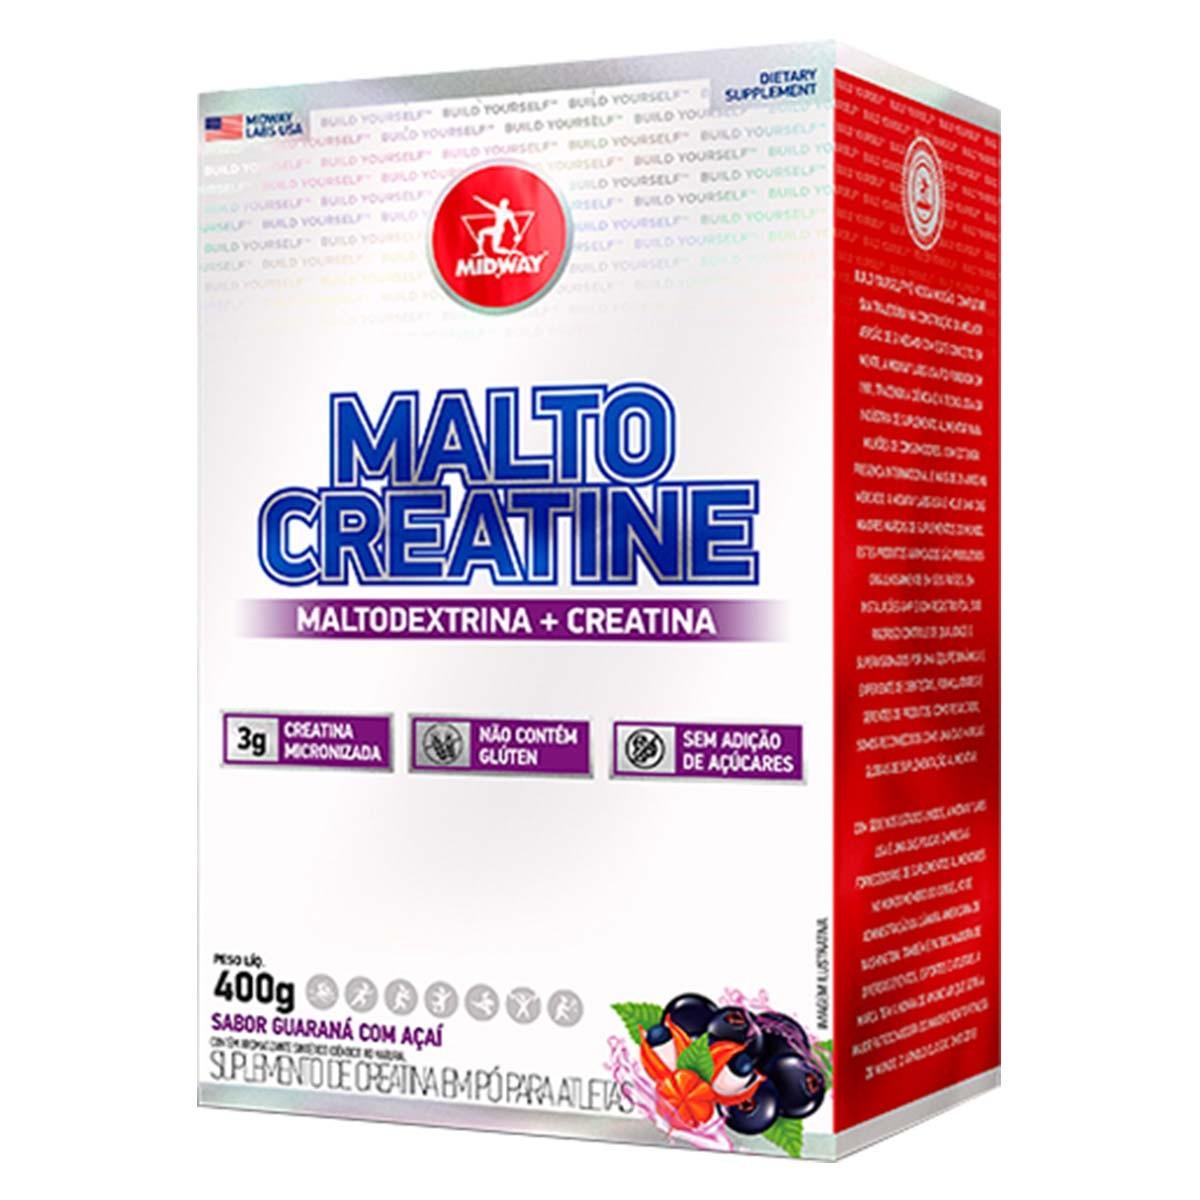 Malto Creatine 400g - Midway